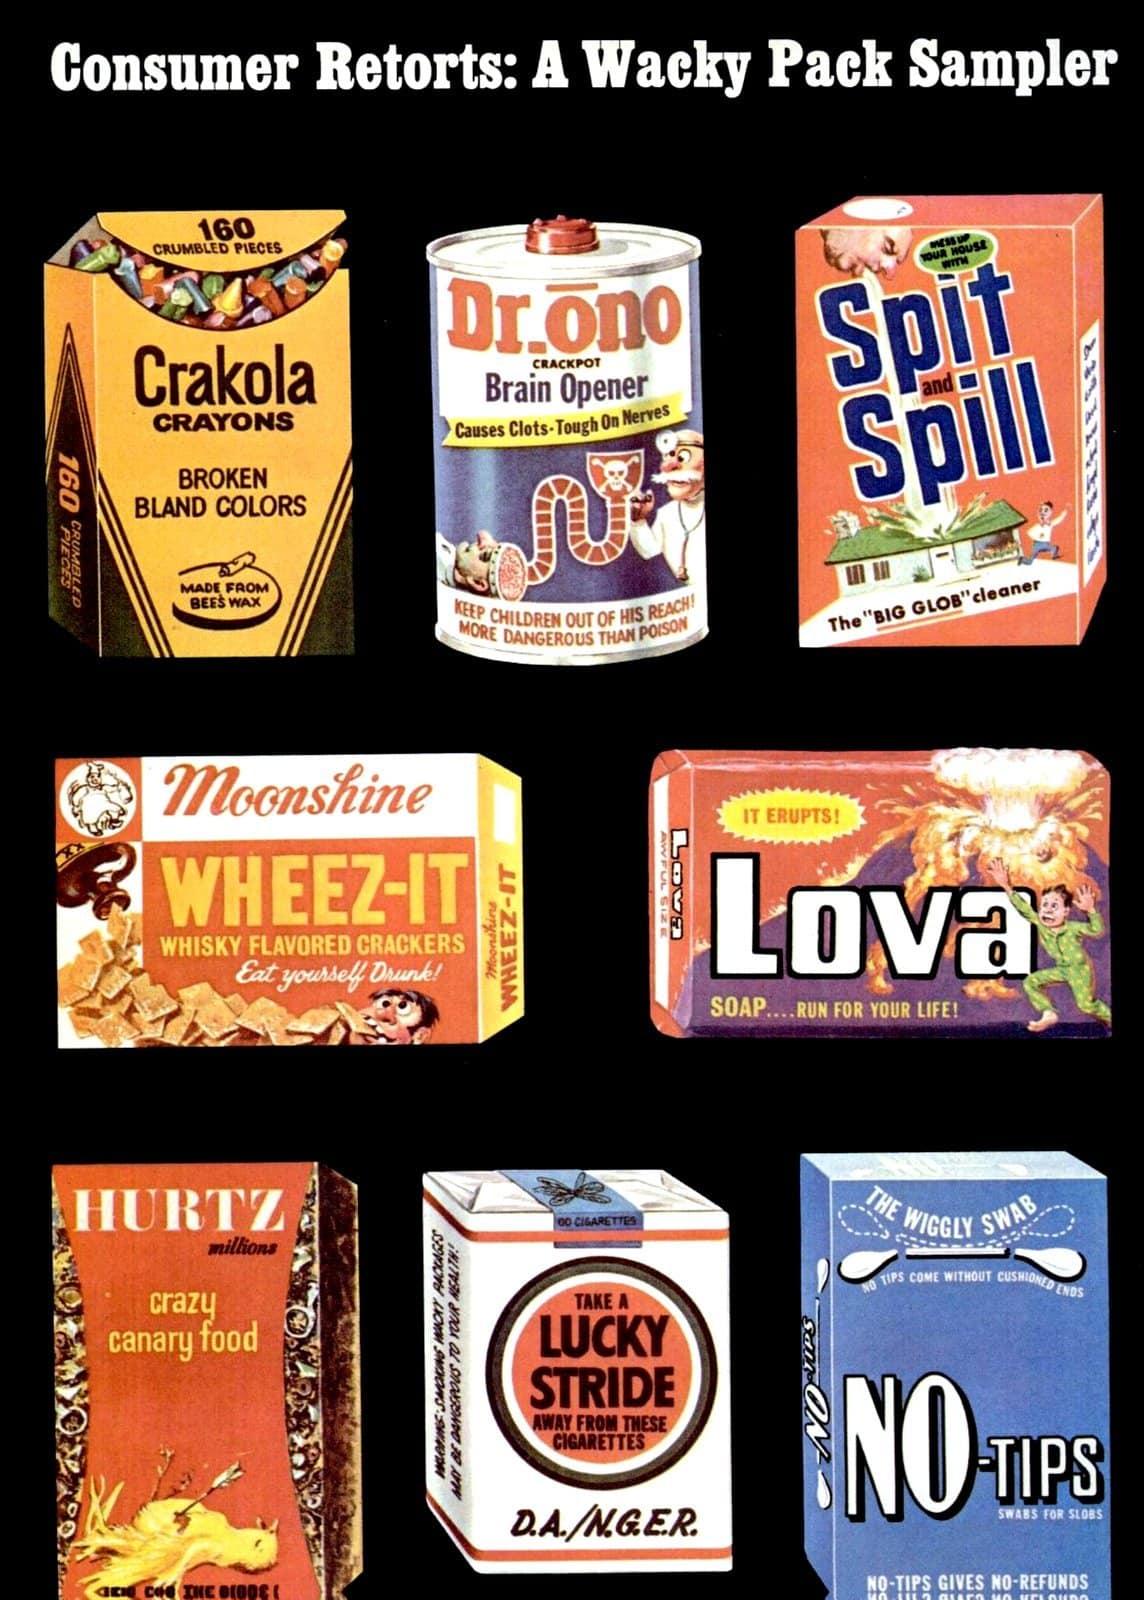 Vintage Wacky Packs - Packages in 1973 (2)